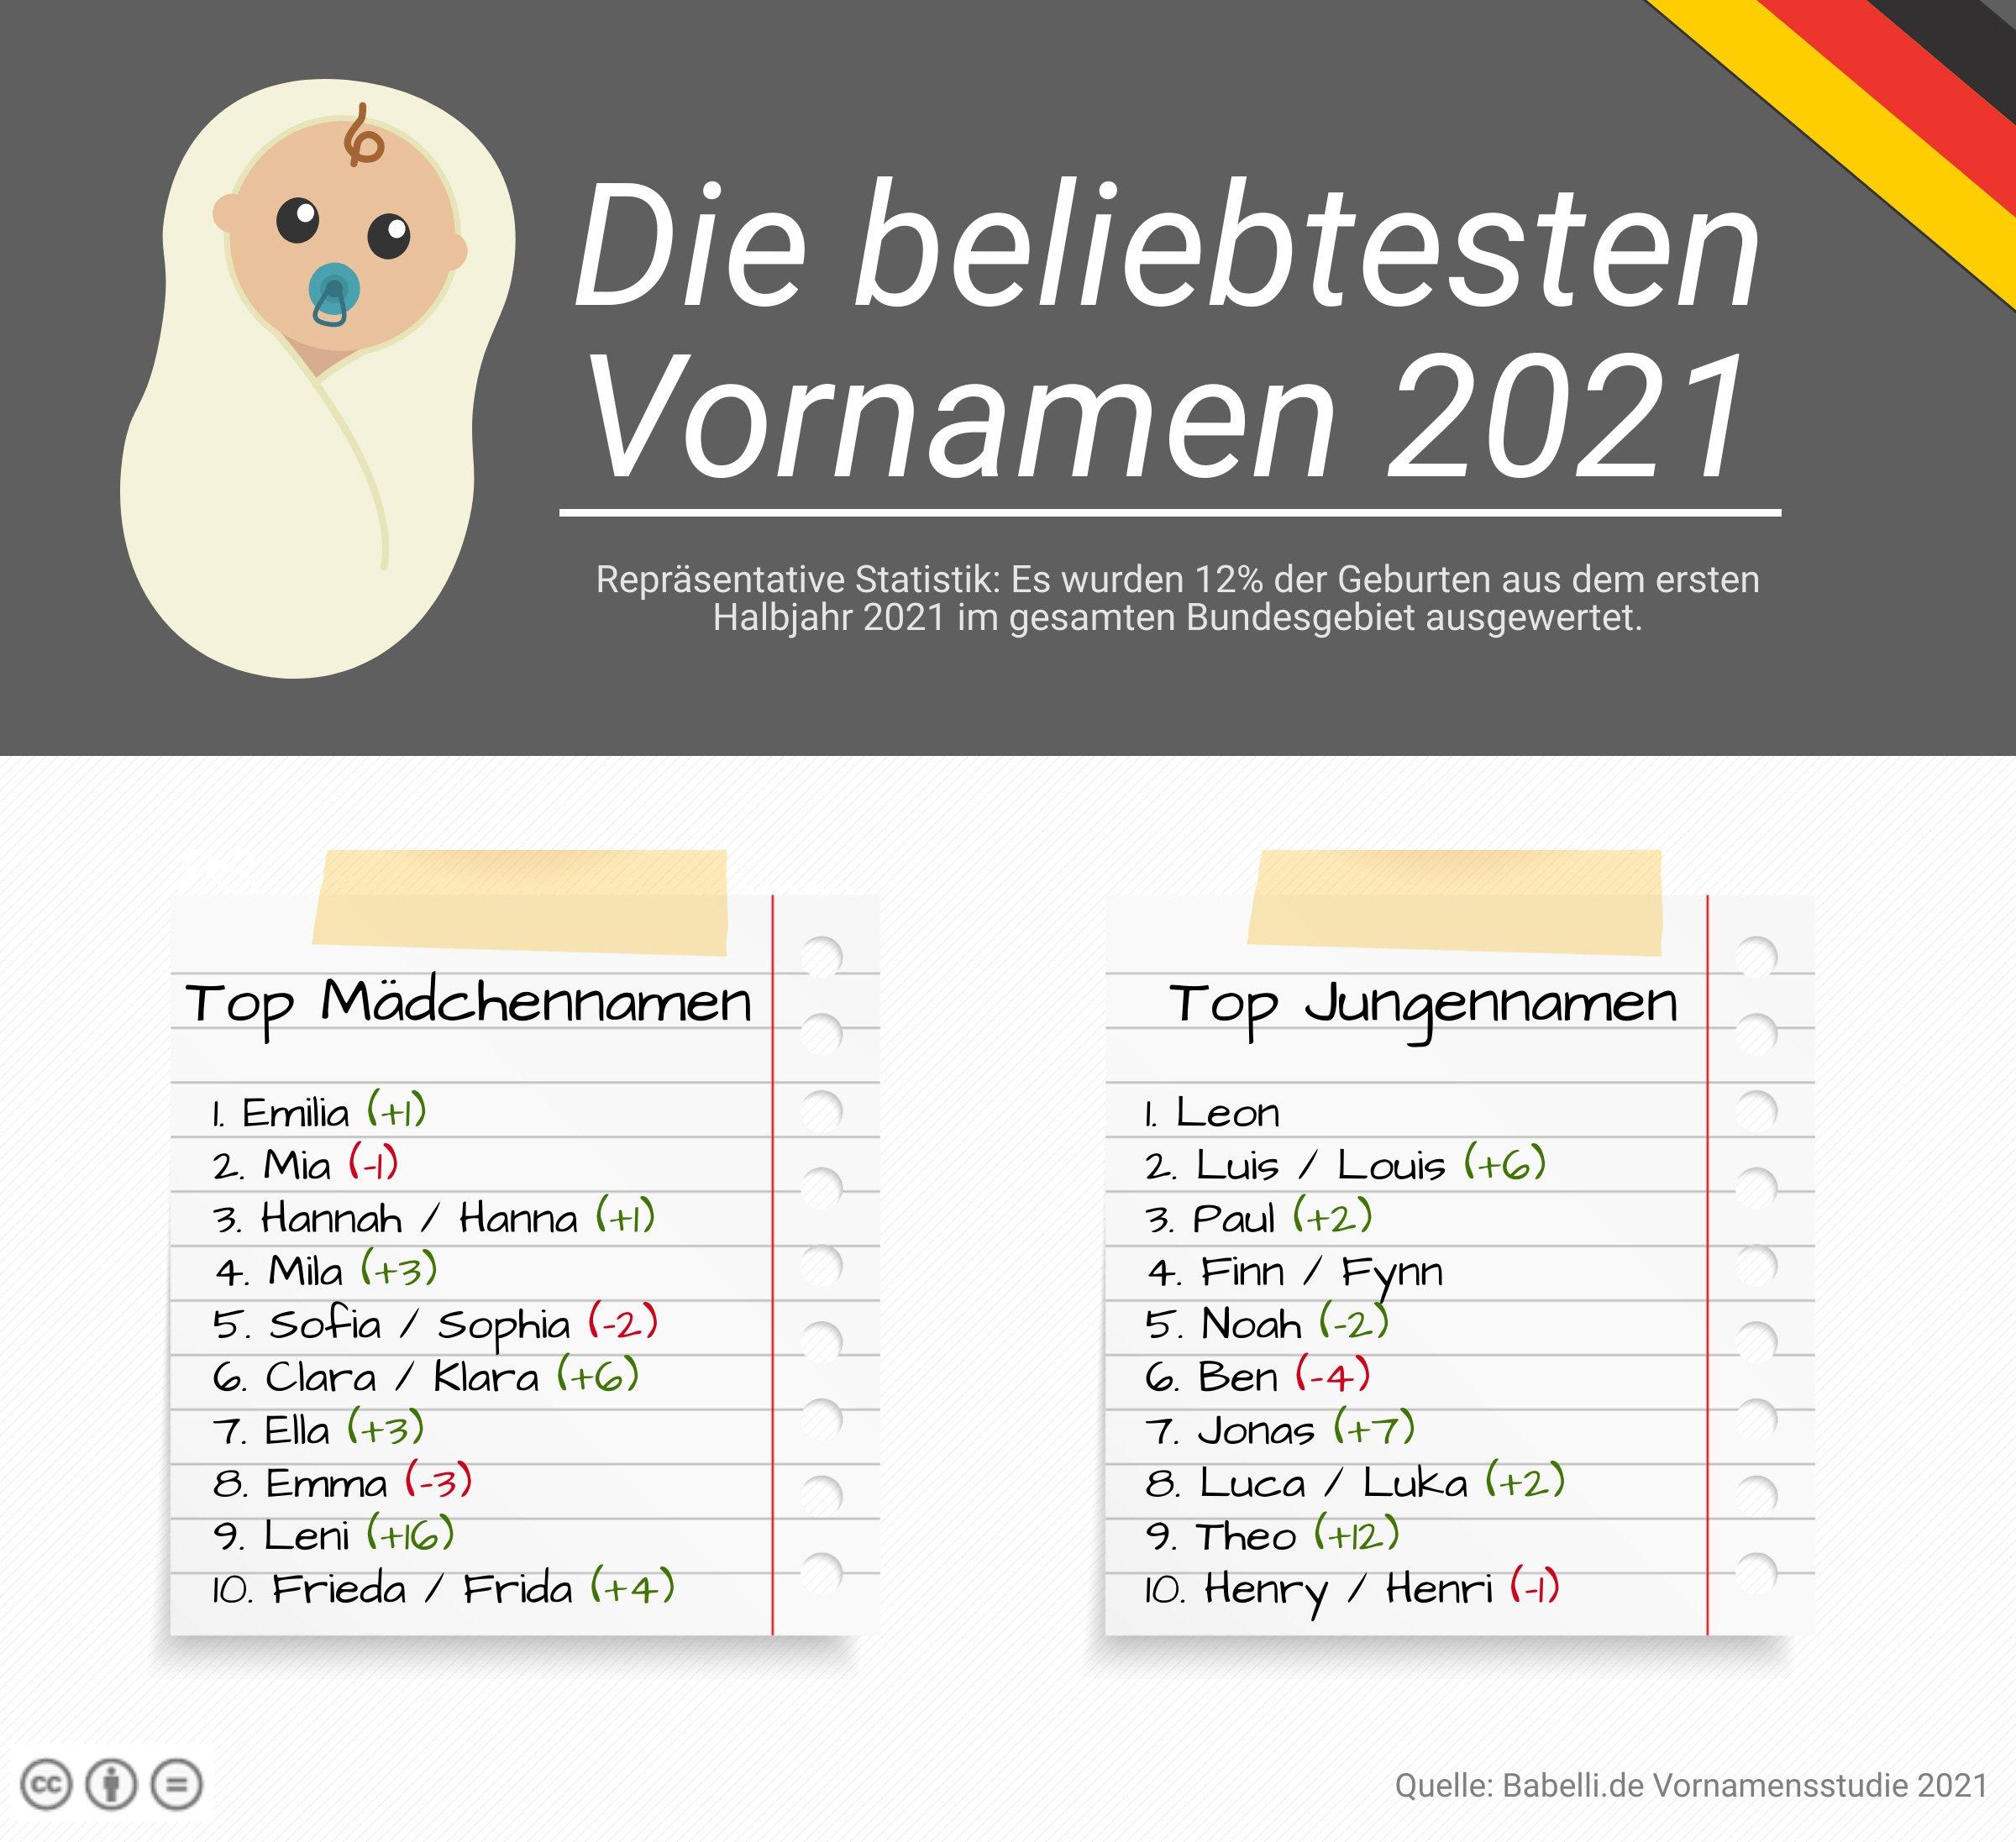 Die beliebtesten Vornamen 2021